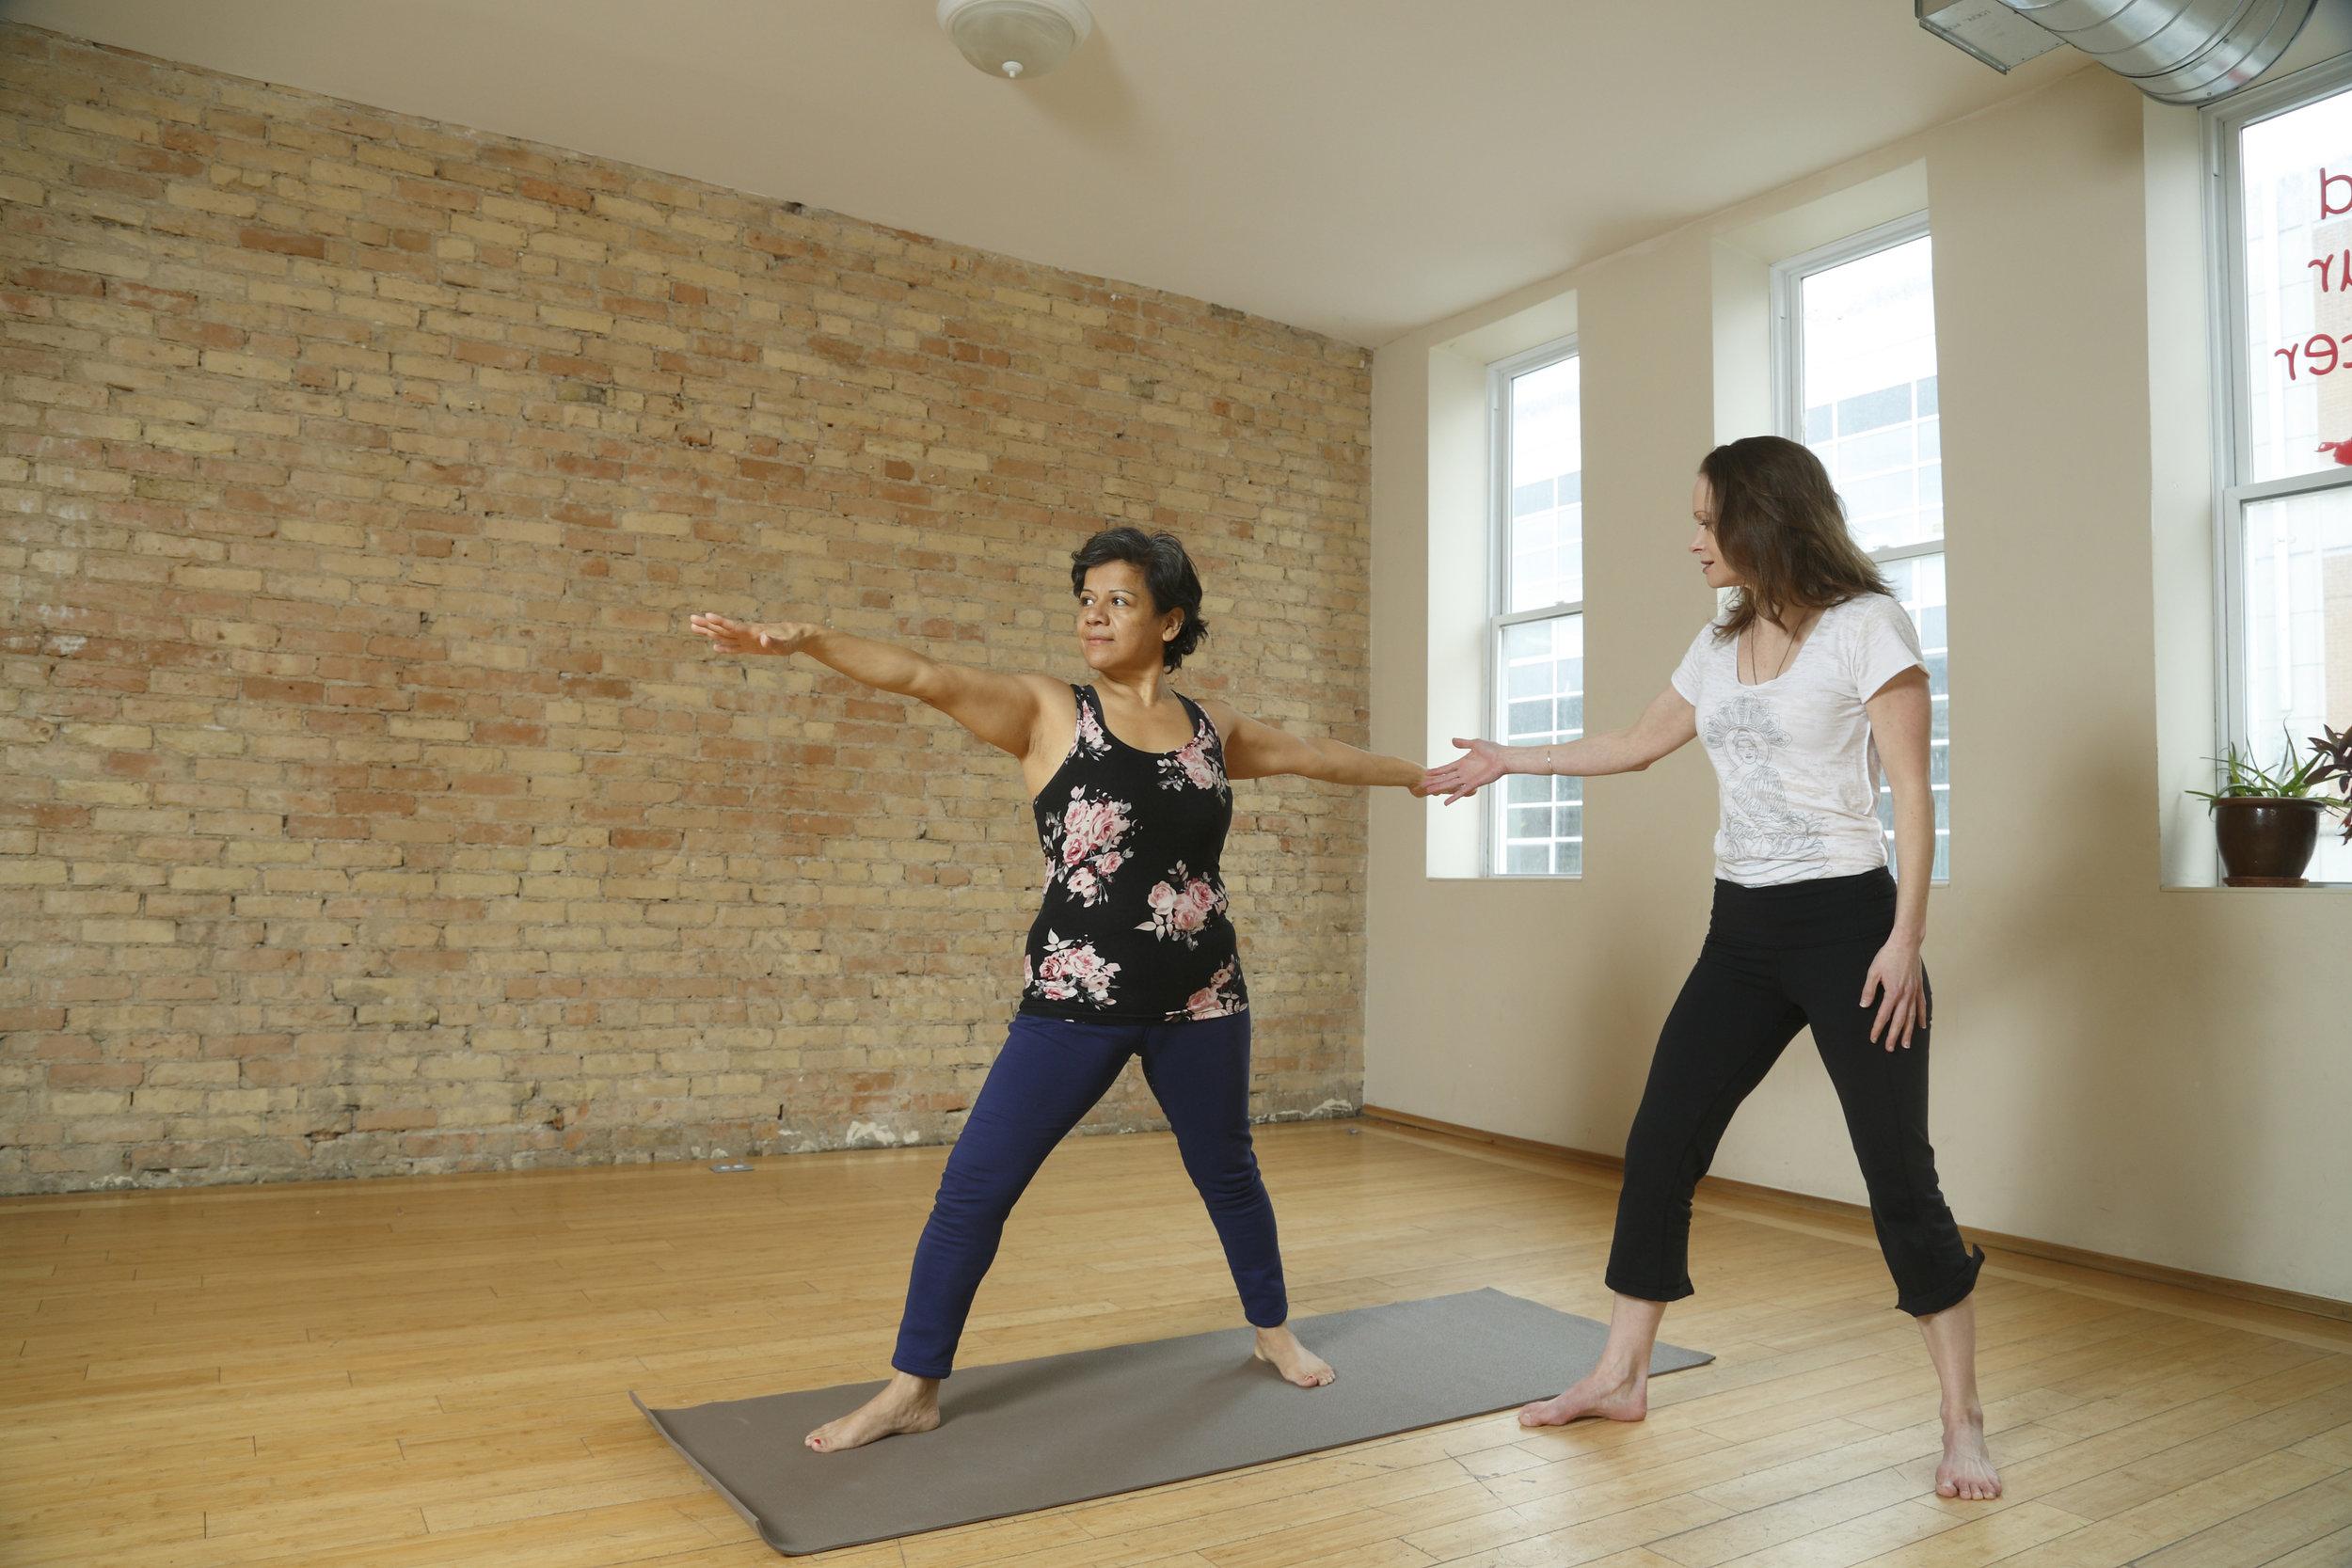 evonne-yoga_2295.jpg